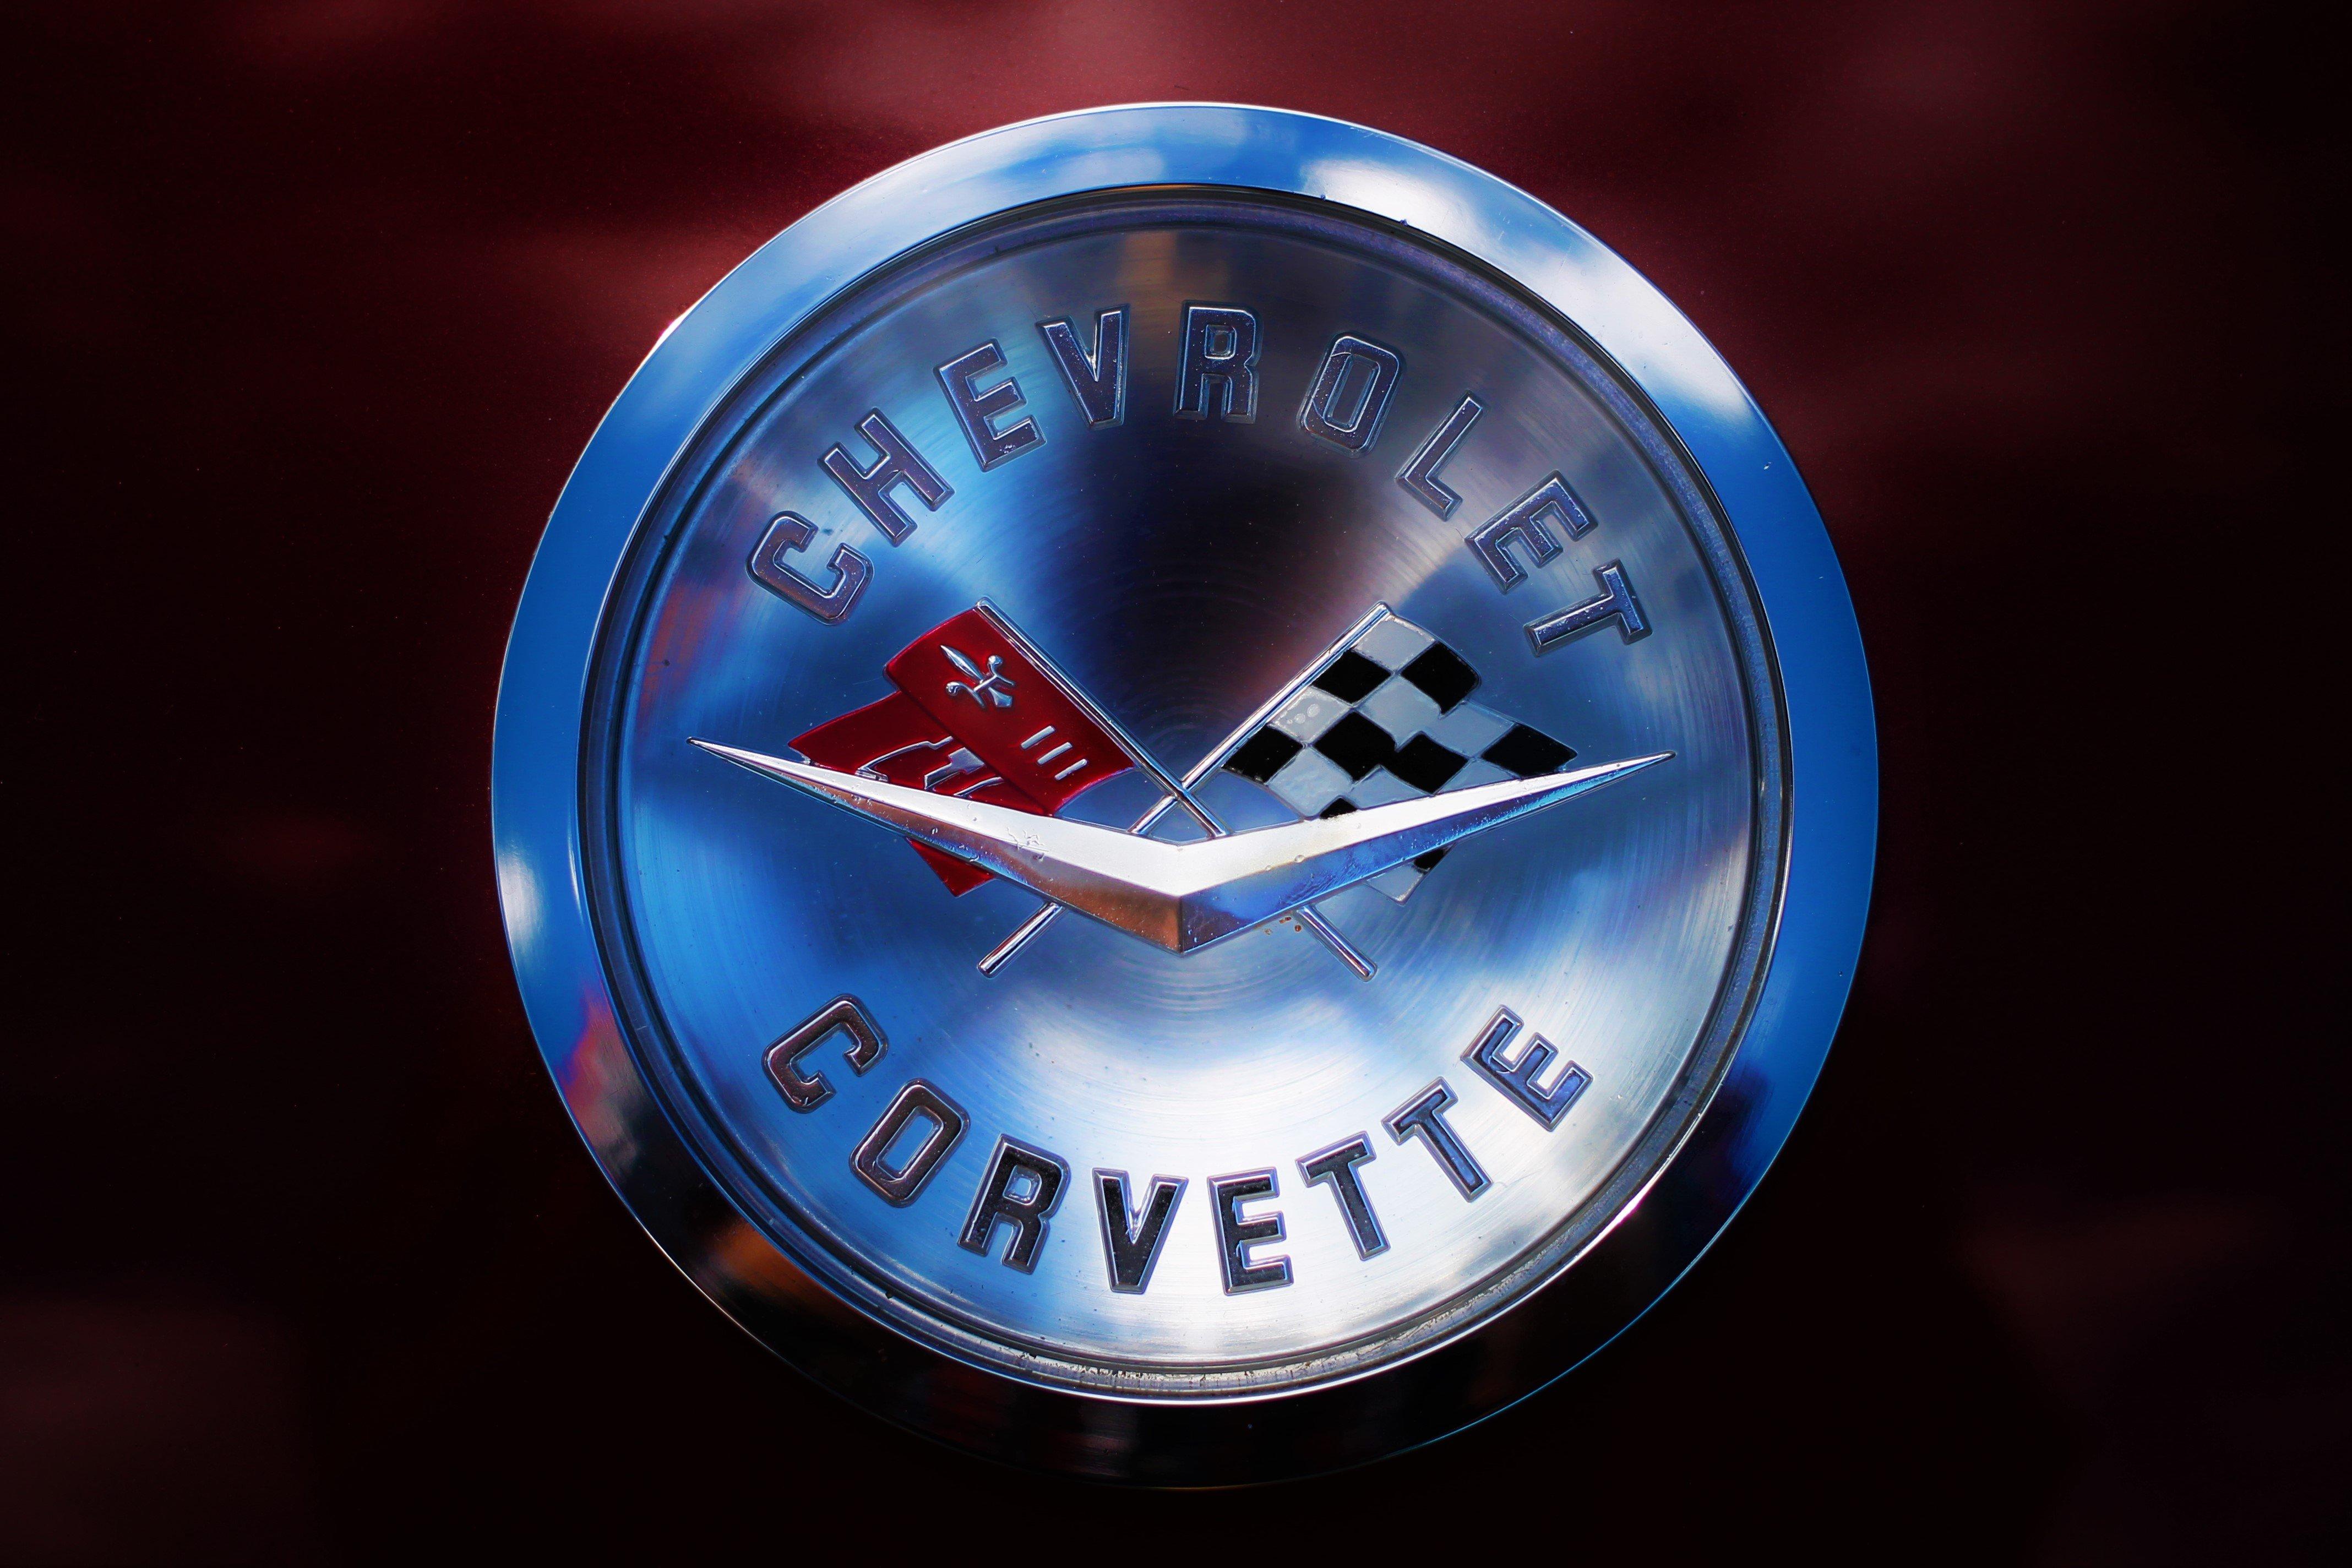 corvette logo wallpaper - Corvette C5 Logo Wallpaper